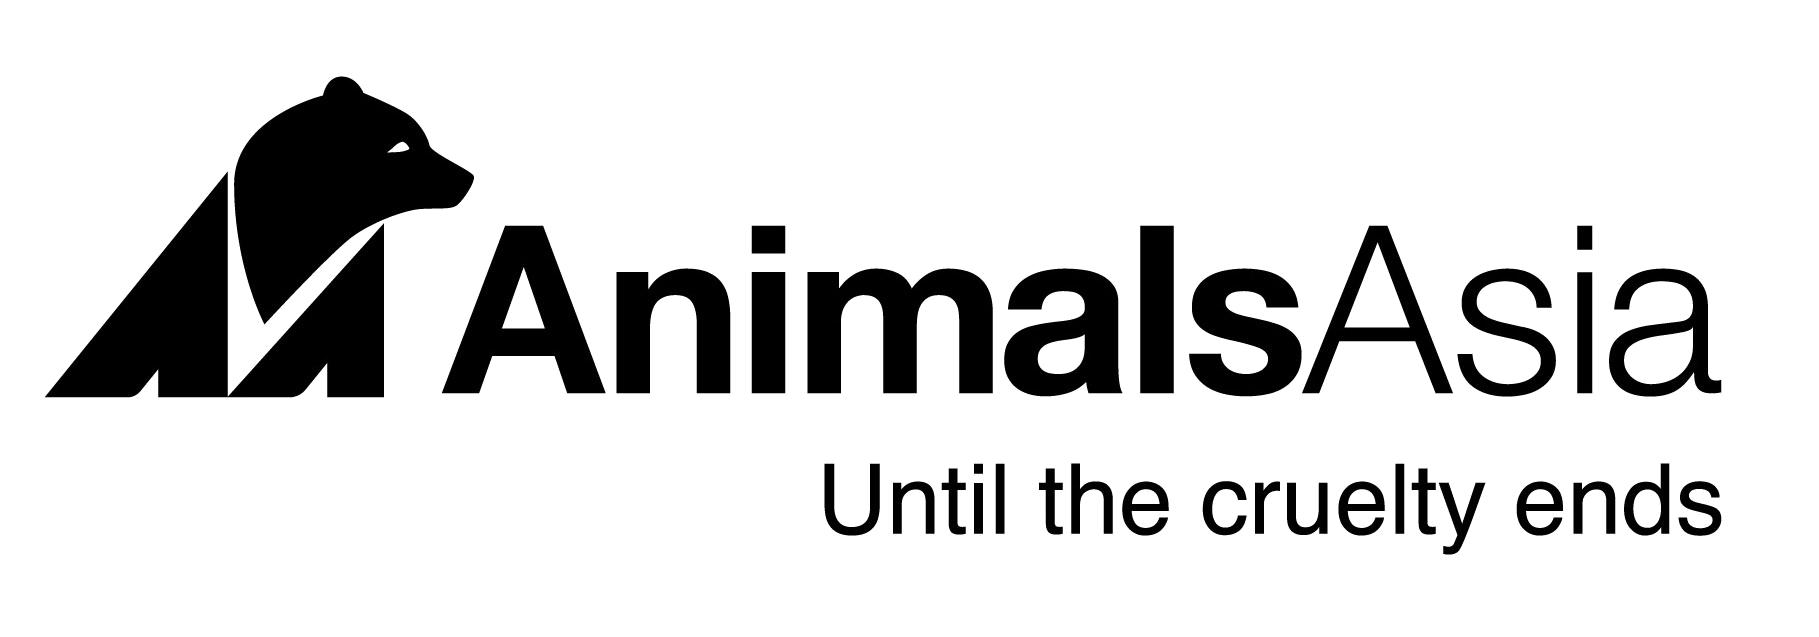 AnimalsAsia.png